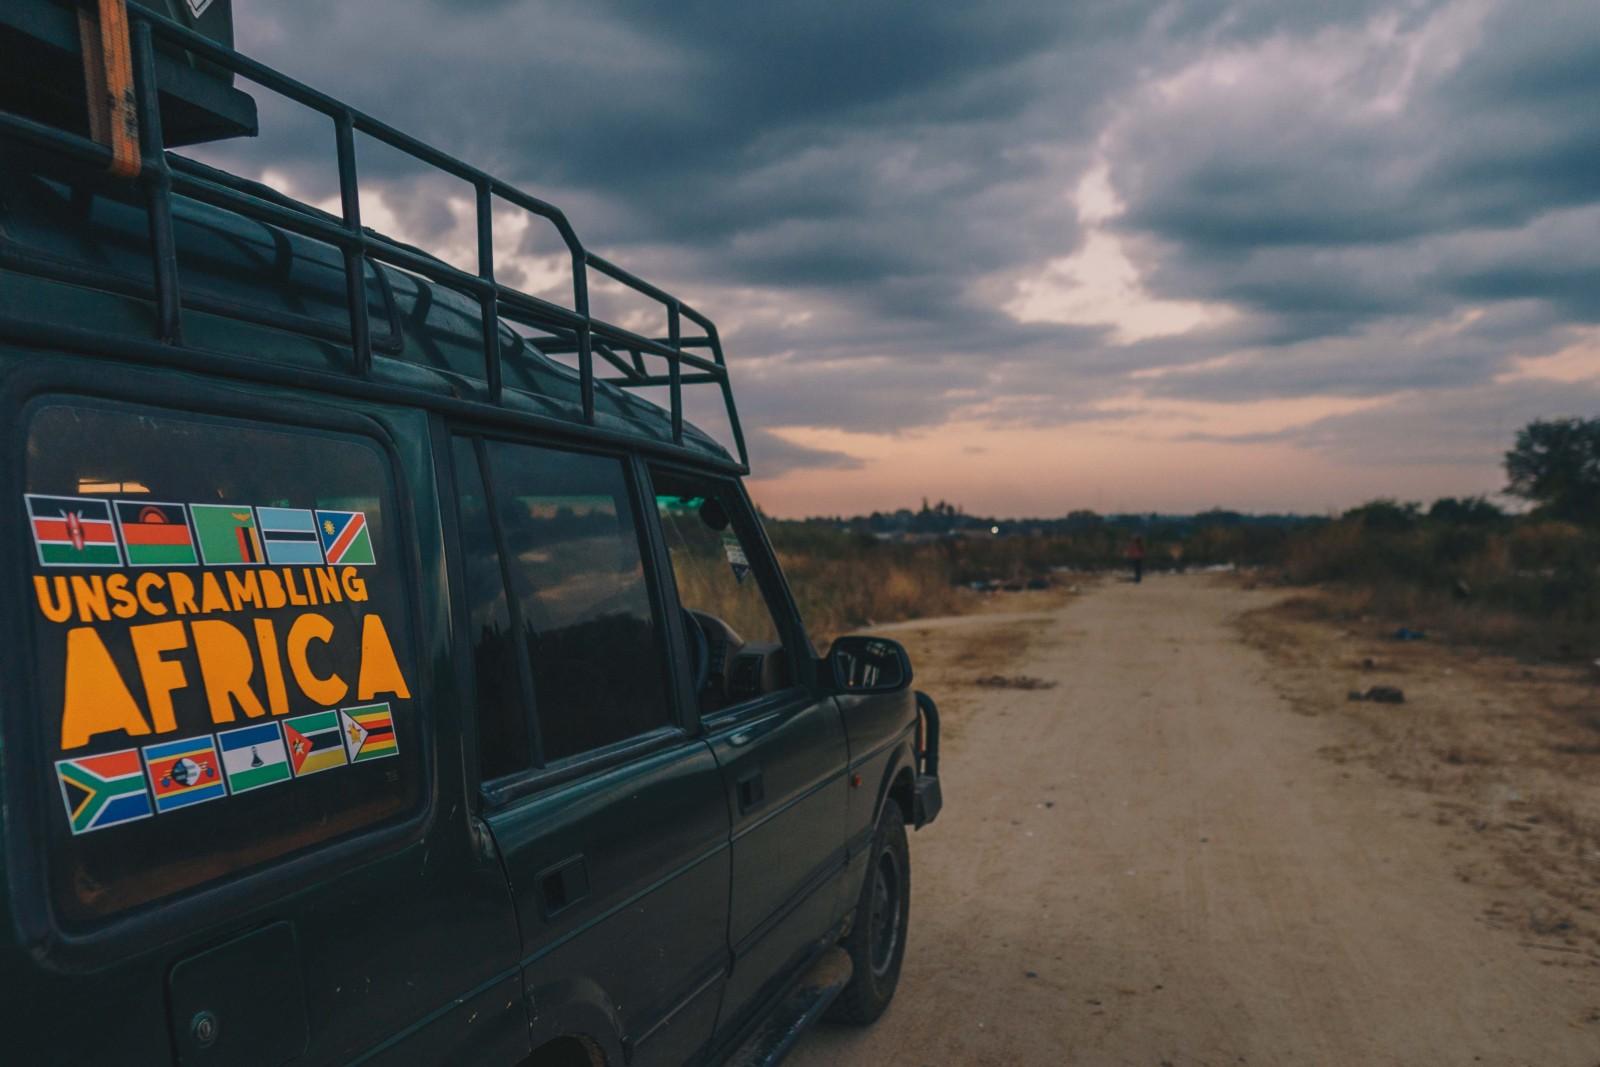 Unscrambling Africa